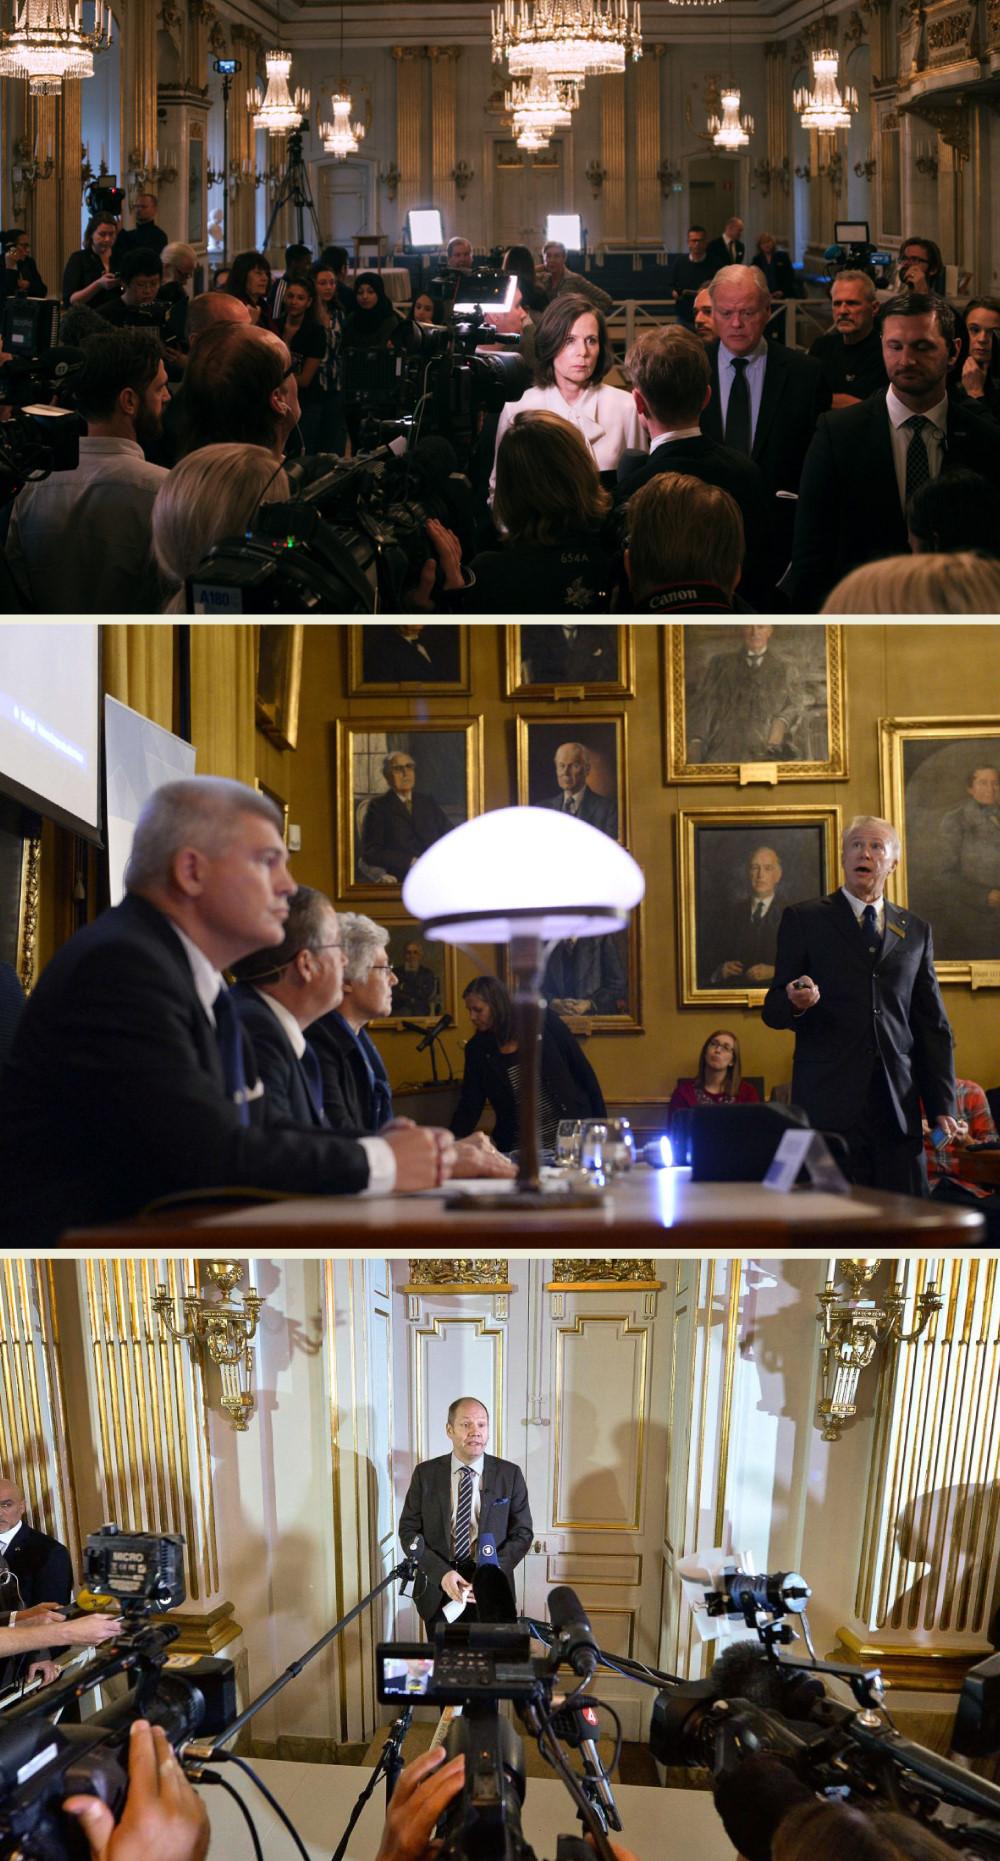 Mùa Nobel tranh cãi - Hủy giải văn học, TT Trump nhận Nobel Hòa bình? Ảnh 11